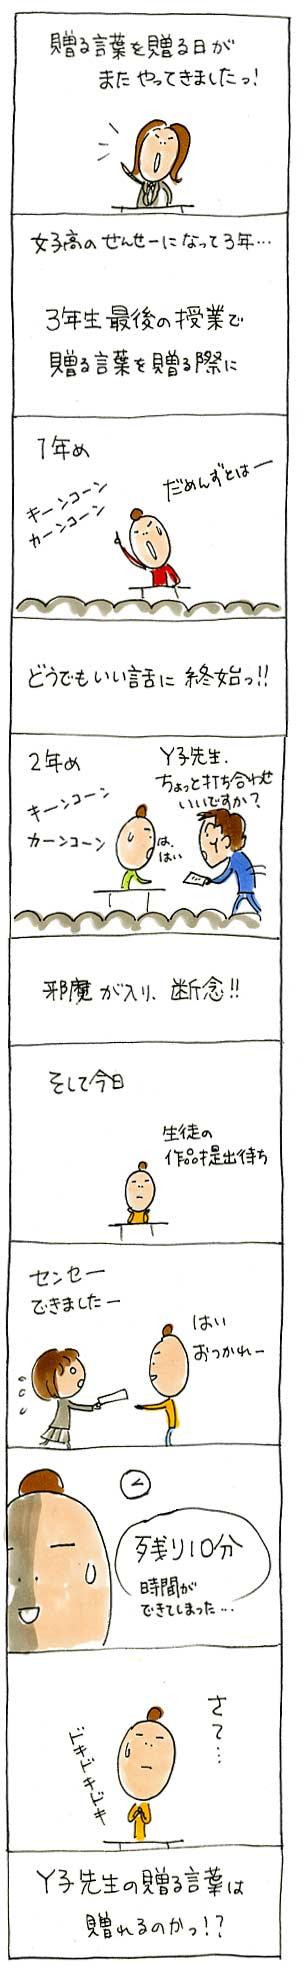 贈る言葉01